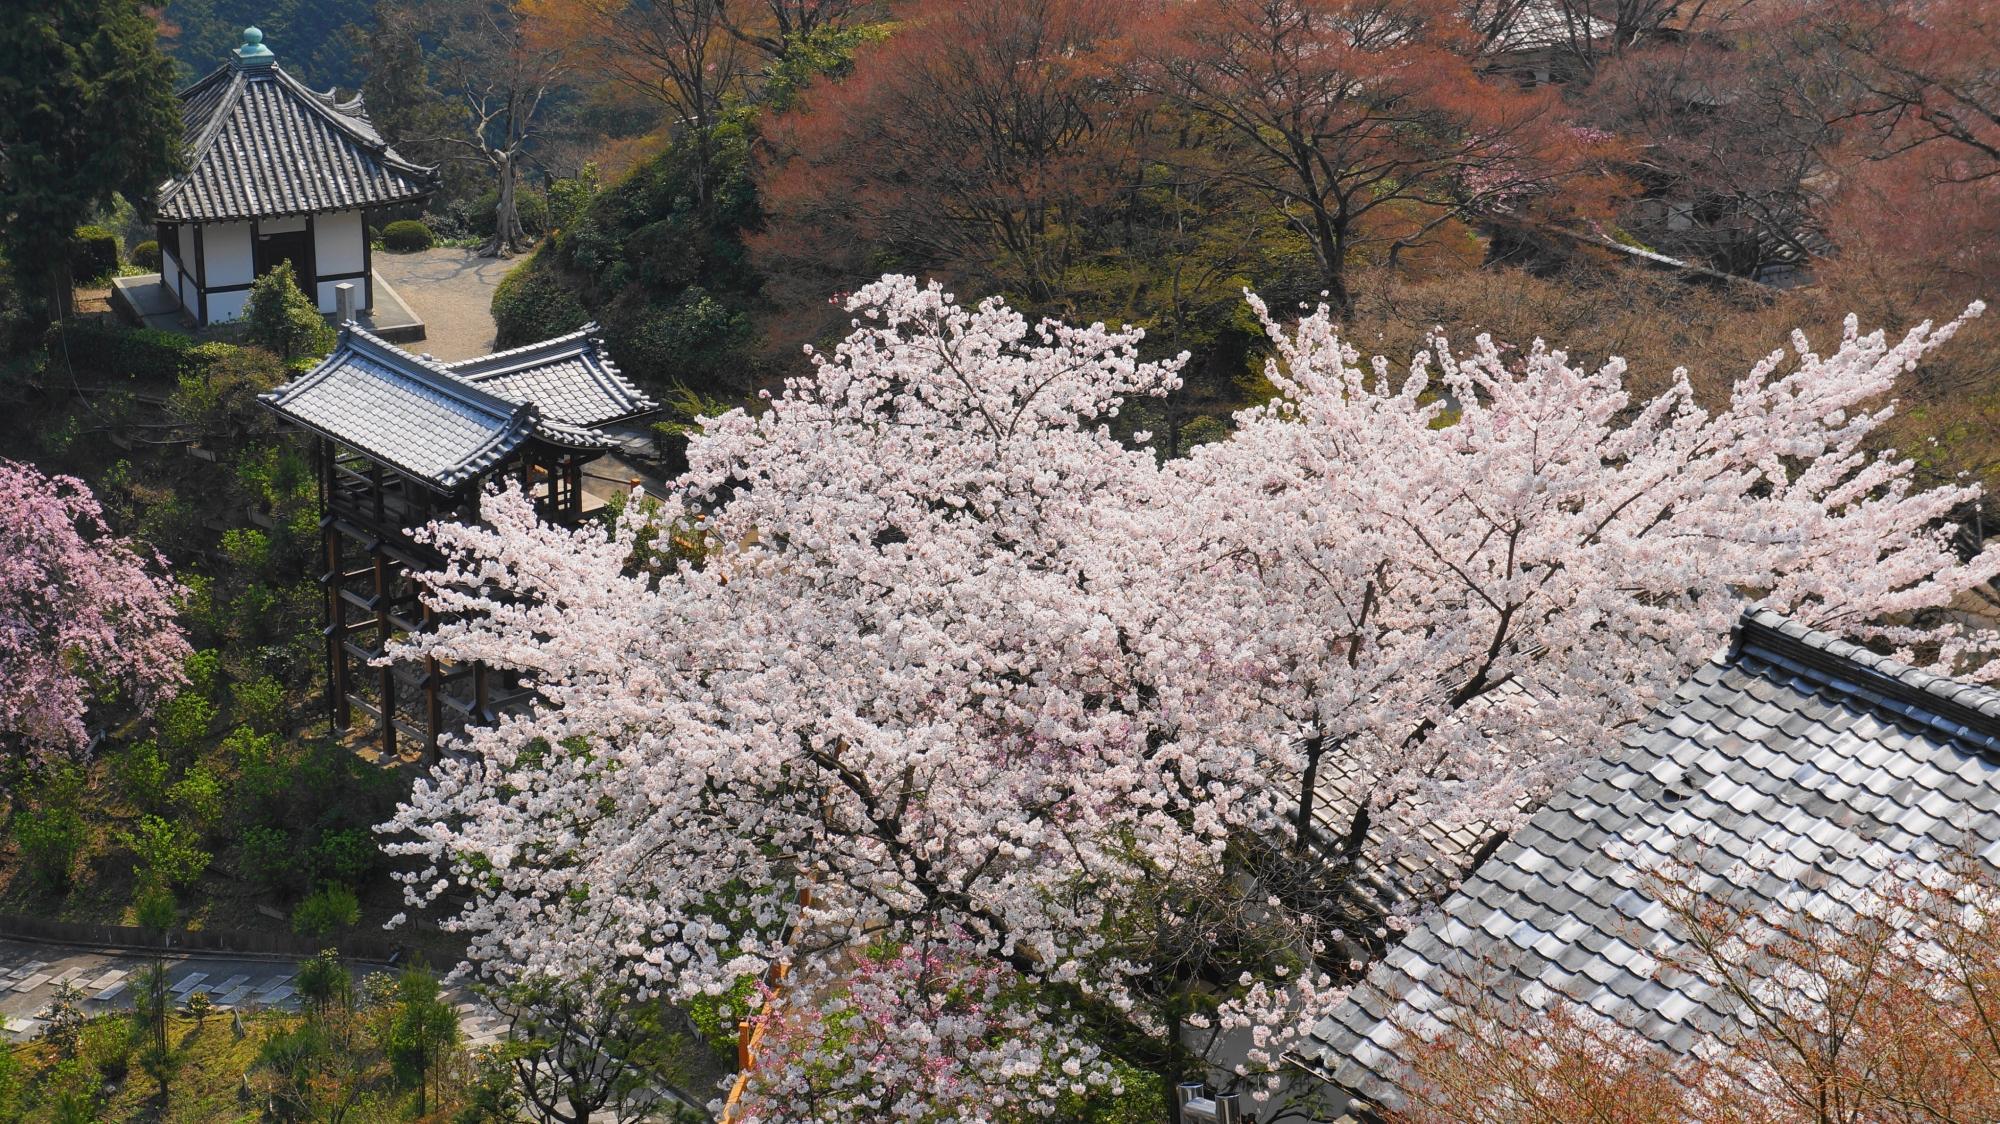 善峯寺の釈迦堂付近の桜